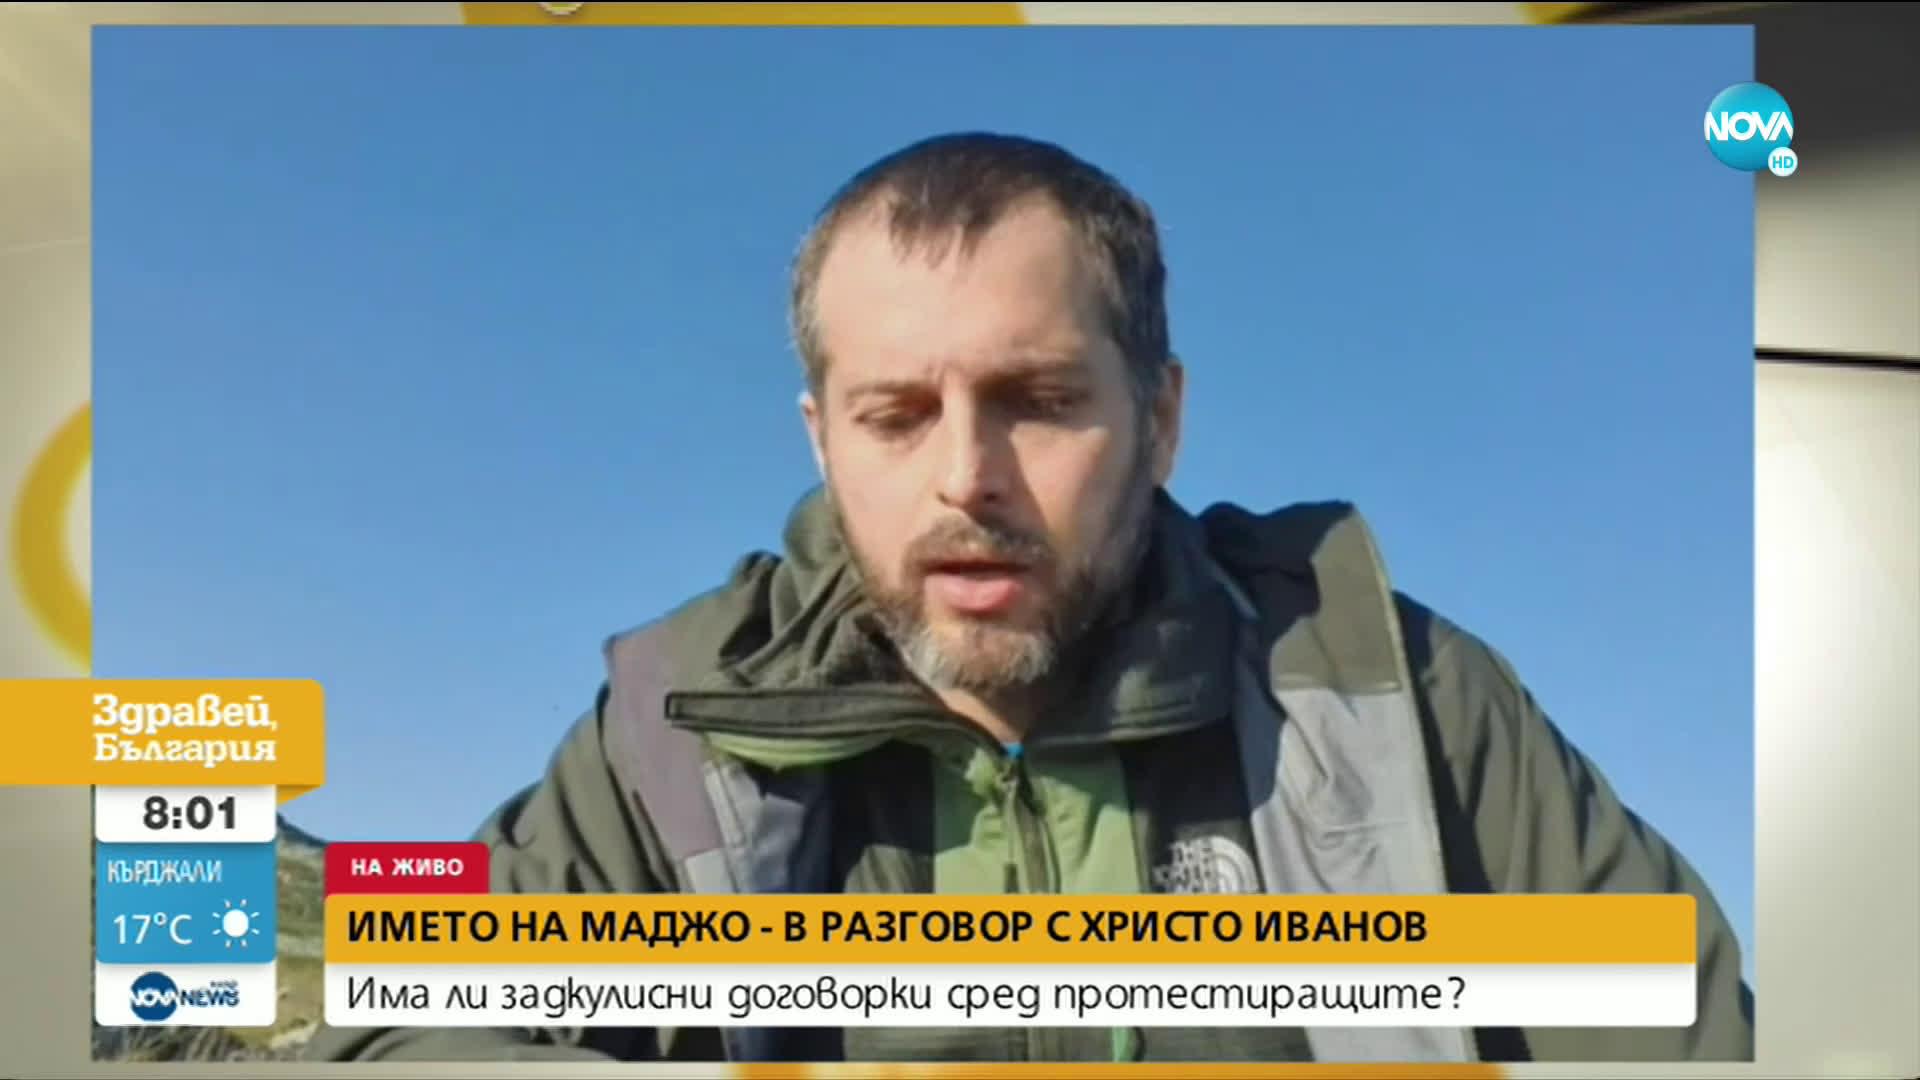 Кирил Радев: Останах с впечатлението, че Христо Иванов знае, какво иска да му каже Ламбовски